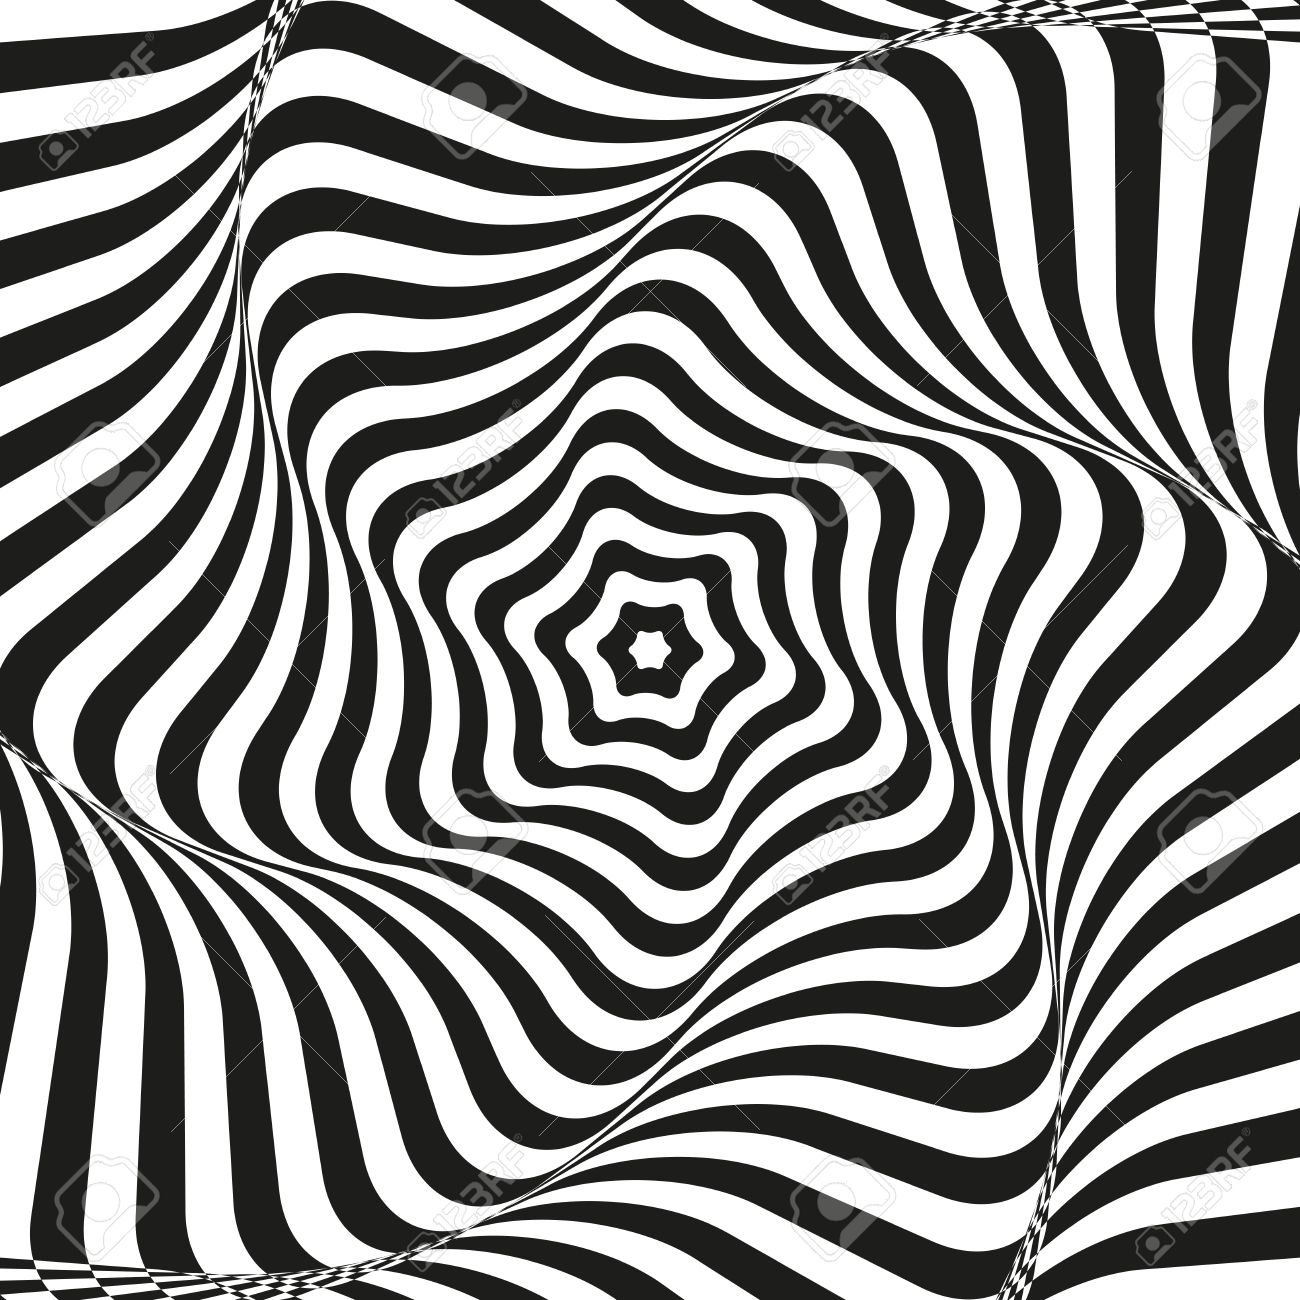 錯視芸術の背景 目の錯覚 白と黒のデスクトップの壁紙 グラフィック デザイン ベクトル曲率効果を持つテクスチャーを繰り返しします 印刷 繊維 包装 装飾用テンプレートのイラスト素材 ベクタ Image